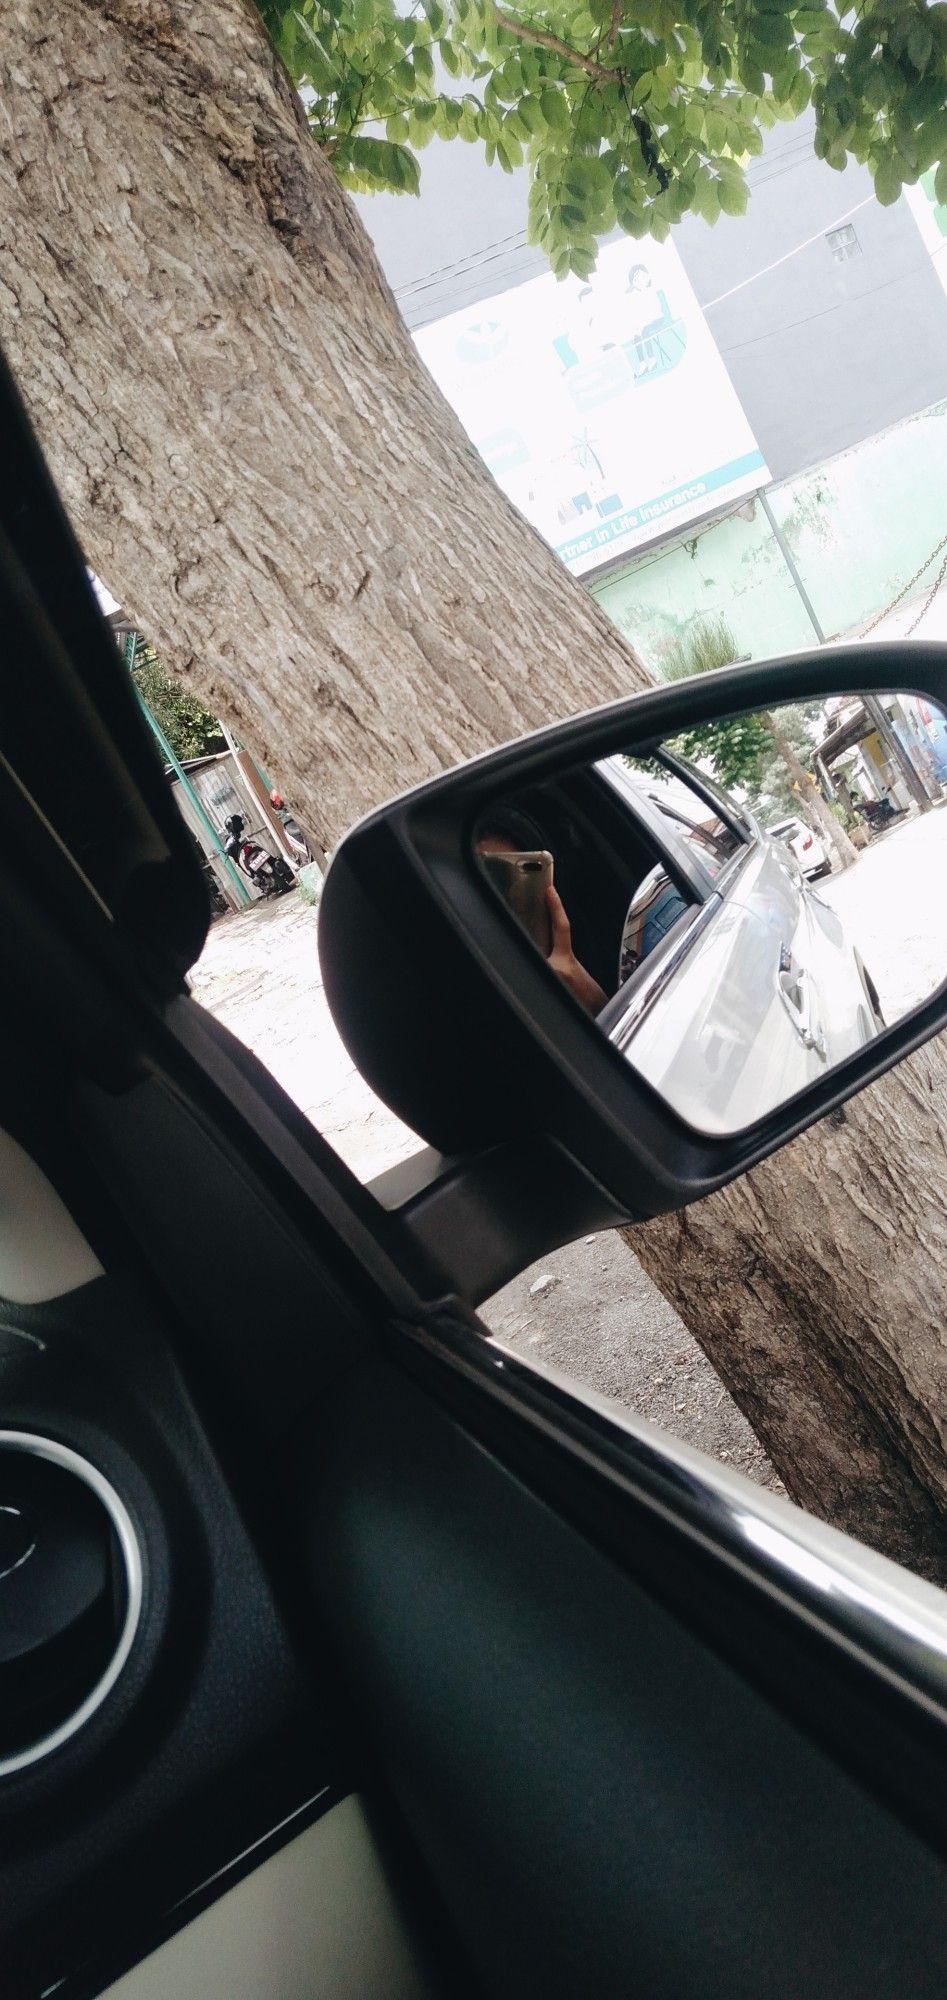 Kendaraan Mobil Fotografi Mobil Fotografi Perjalanan